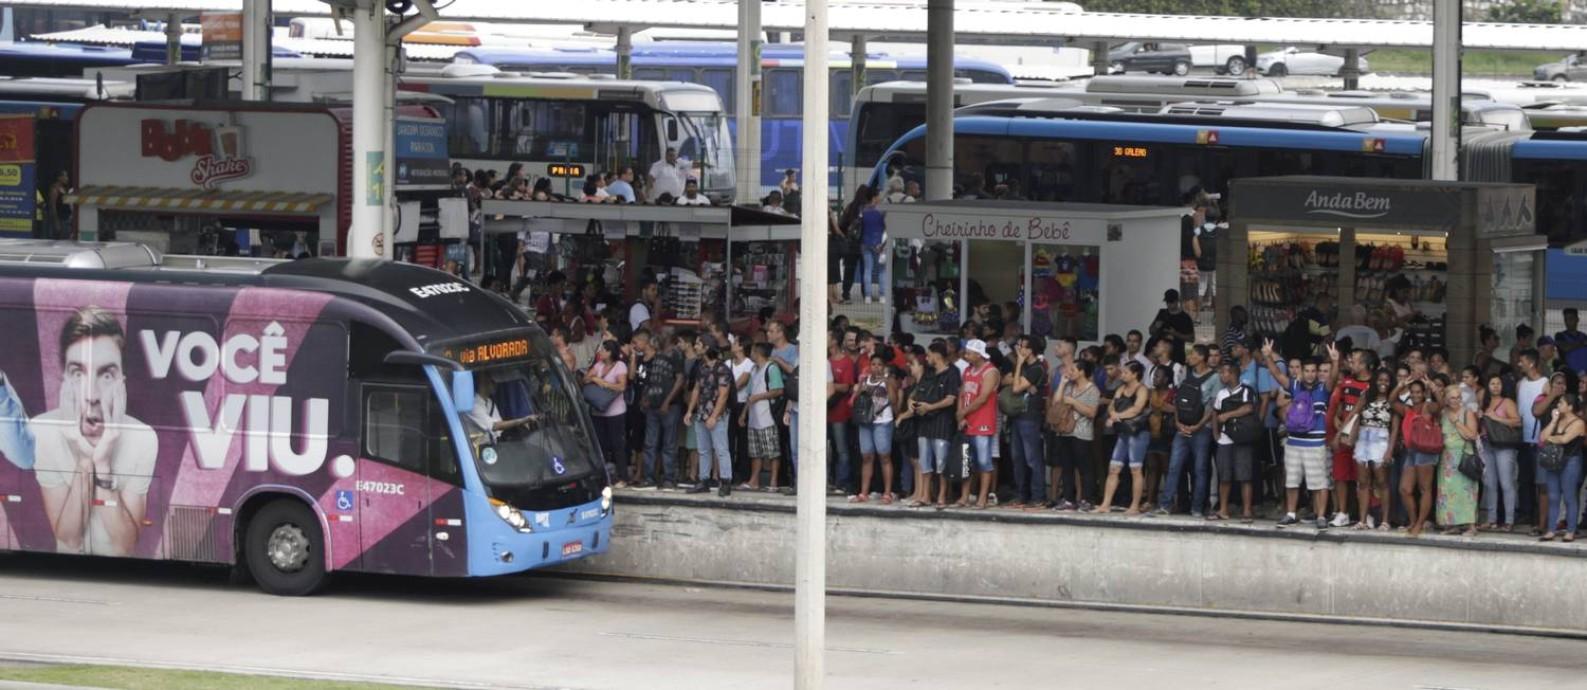 Passageiros aguardam ônibus em estação superlotada Foto: Antonio Scorza / Agência O Globo